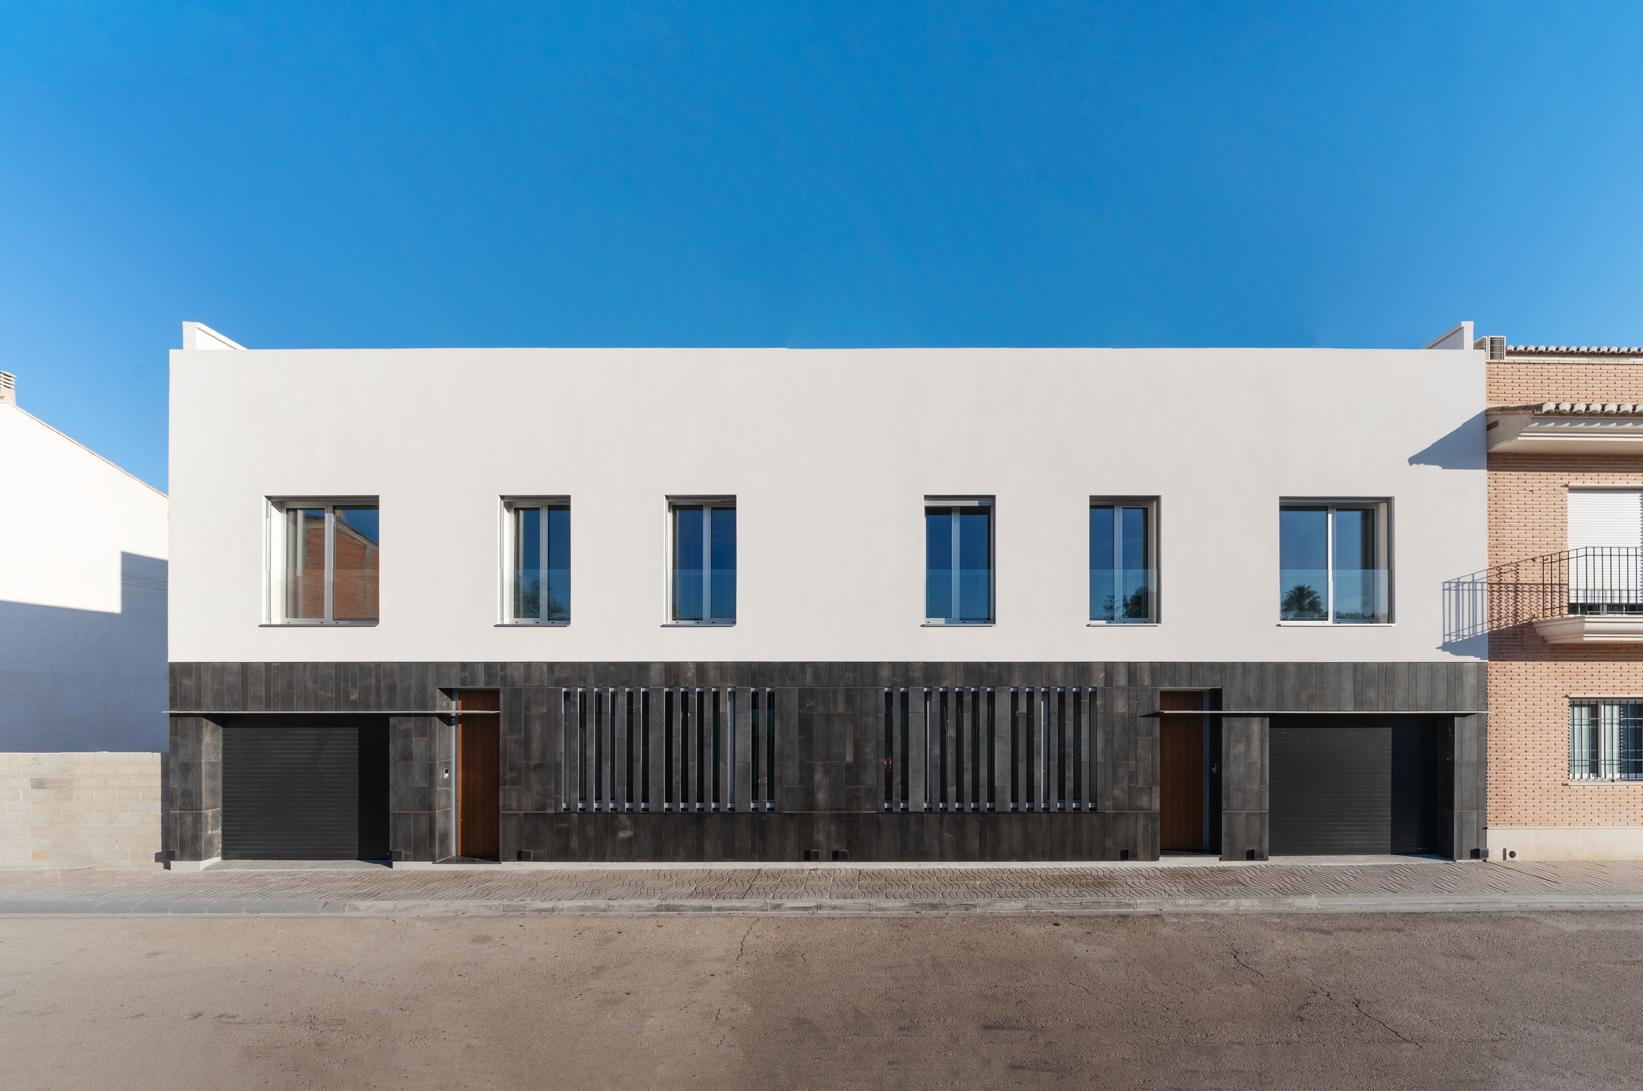 Exteriores edificio Passivhaus plus rafelbunyol